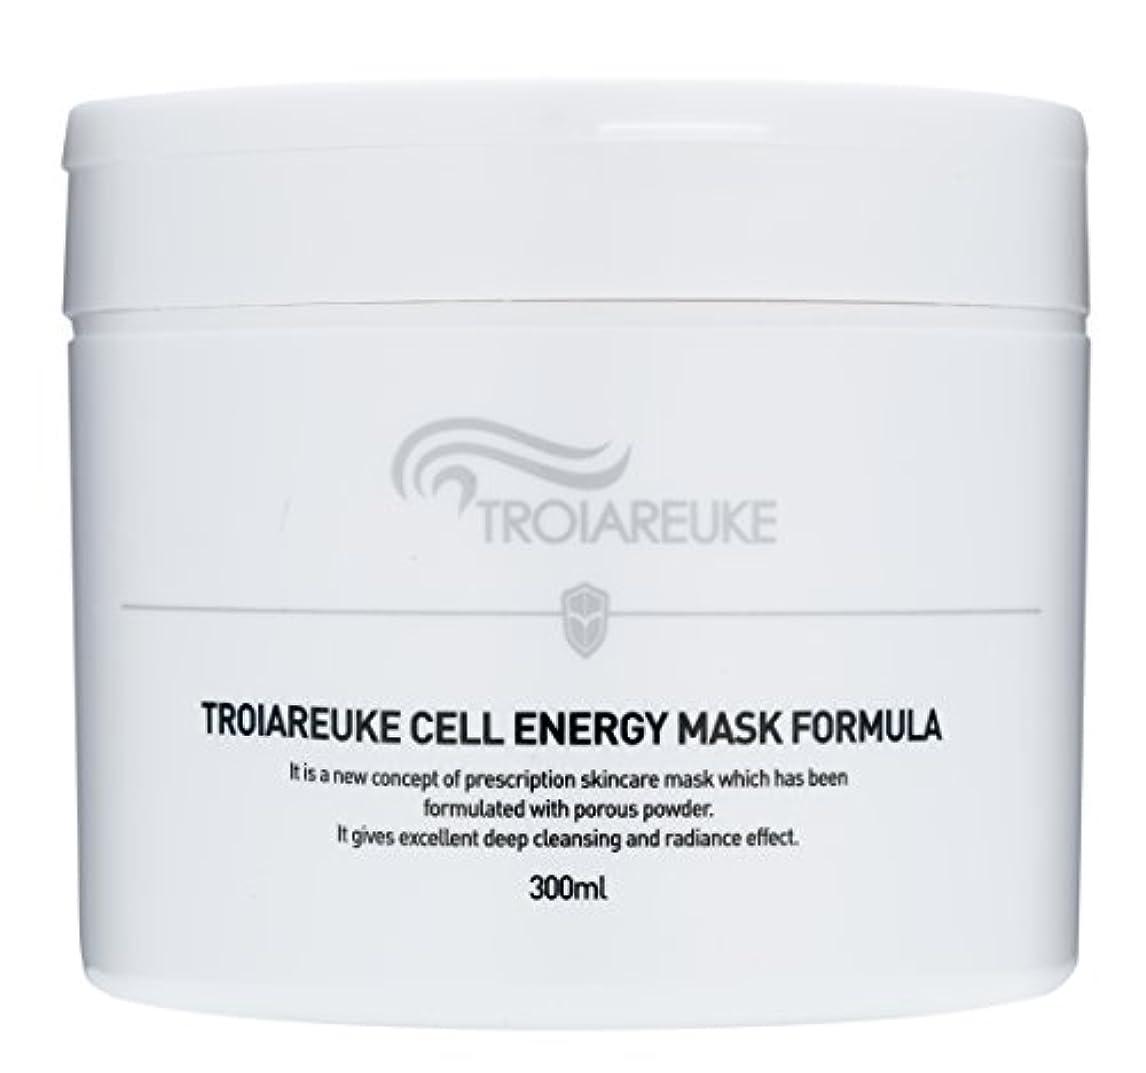 社員目の前の贅沢なTroiareuke(トロイアルケ) セルエネルギー マスク フォーミュラー/Cell Energy Mask Fomula (300ml) [並行輸入品]